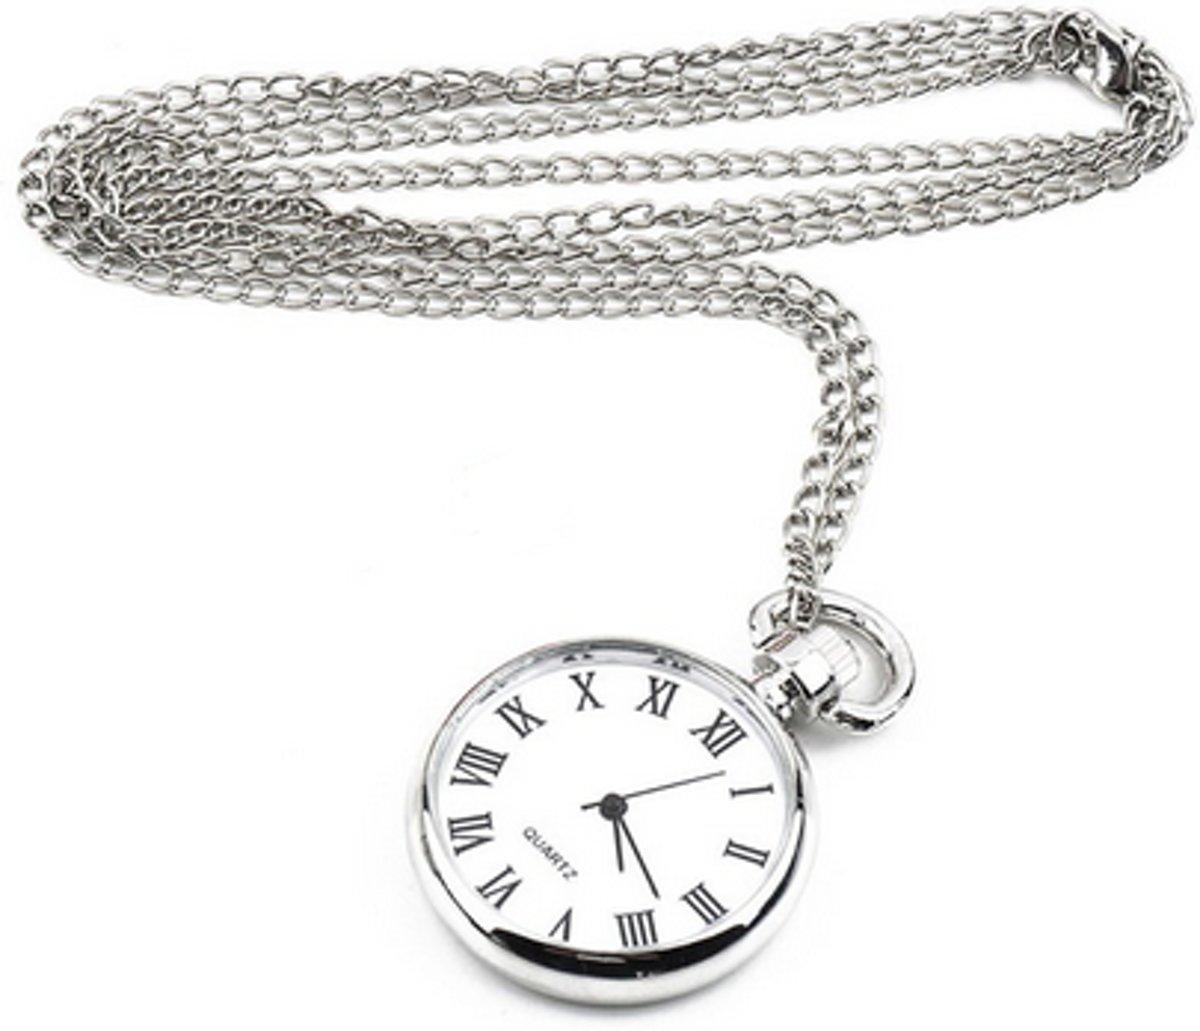 Treasure Trove® Klassiek Horloge Lange Ketting Vrouwen - Dameshorloge - Zilverkleurig - 80cm kopen